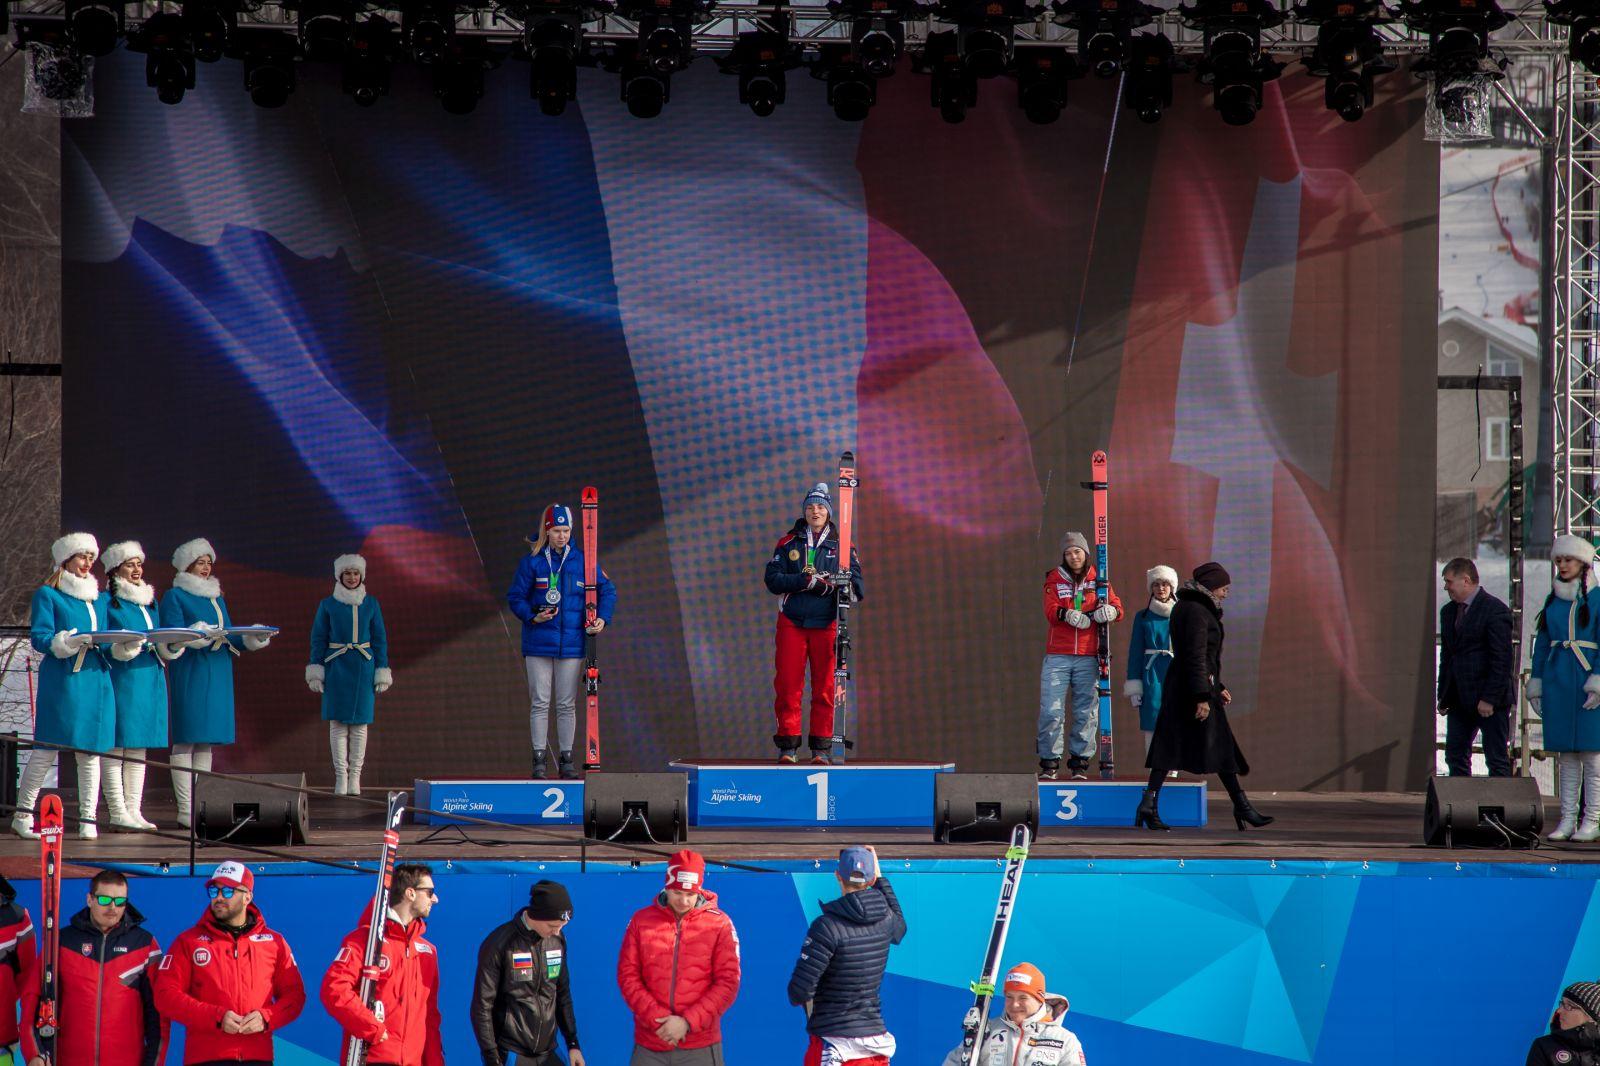 1 серебряную и 2 бронзовые медали завоевала сборная России в 1-й соревновательный день 4-го этапа Кубка мира по горнолыжному спорту МПК в Южно-Сахалинске